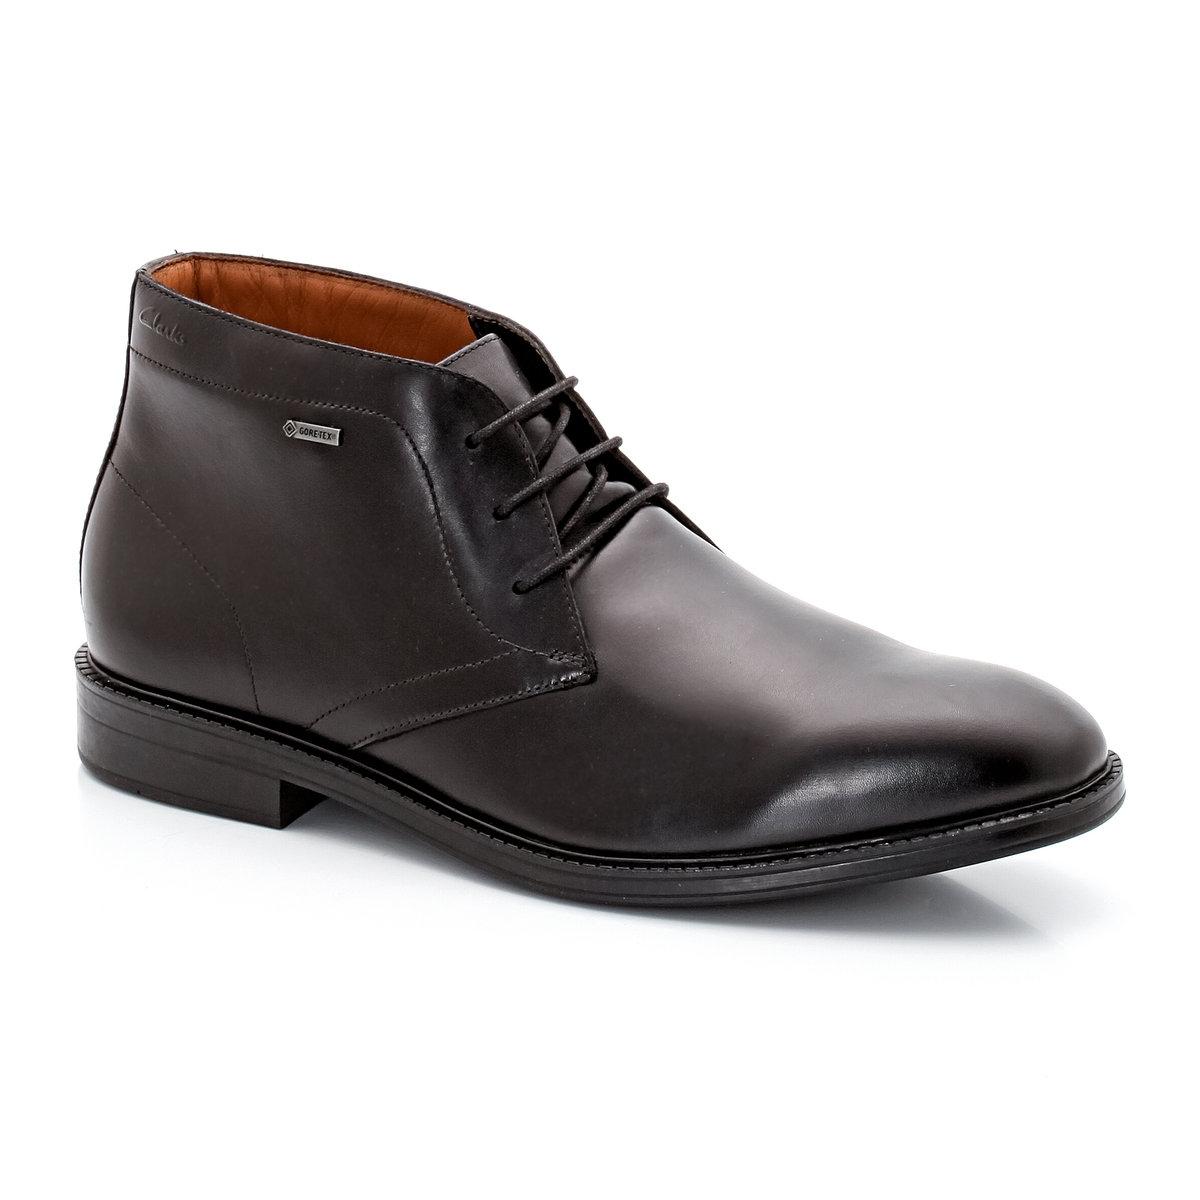 Ботинки кожаные Chilver HiДетали  •  Высота голенища : 14 см, размер 37 •  Высота каблука : 3 см •  Застежка : шнуровка •  Круглый мысокСостав и уход   •  Верх 100% яловичная кожа •  Подкладка 100% текстиль •  Стелька 100% кожа •  Подошва 100% каучук<br><br>Цвет: черный